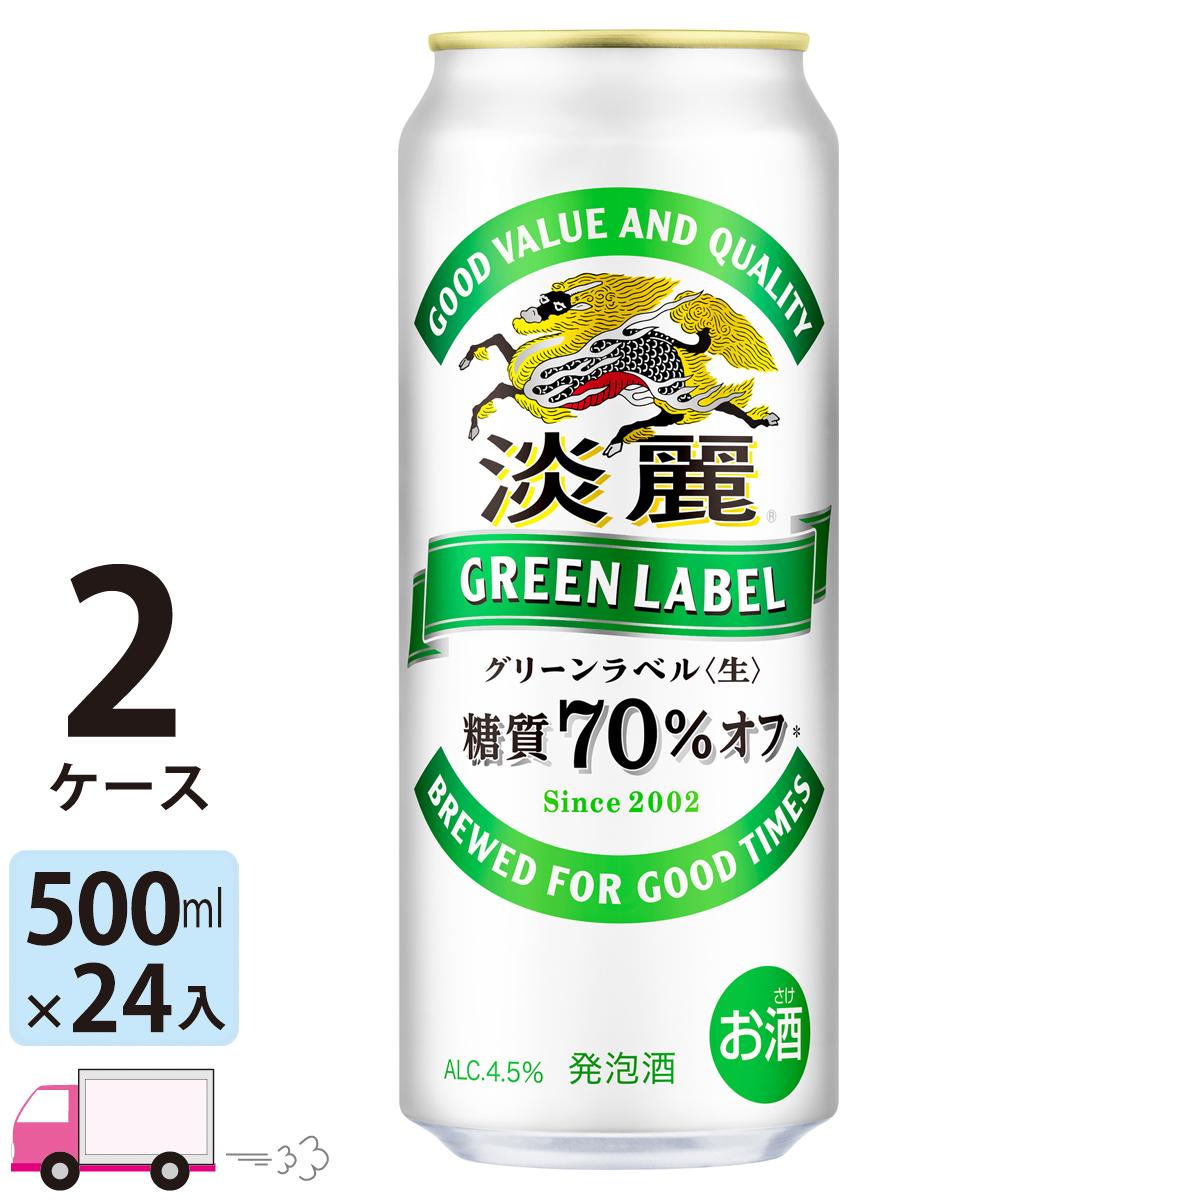 糖質70%オフで、すっきり飲みやすい、淡麗グリーンラベル。 送料無料 キリン ビール 淡麗 グリーンラベル 500ml ×24缶入 2ケース (48本)